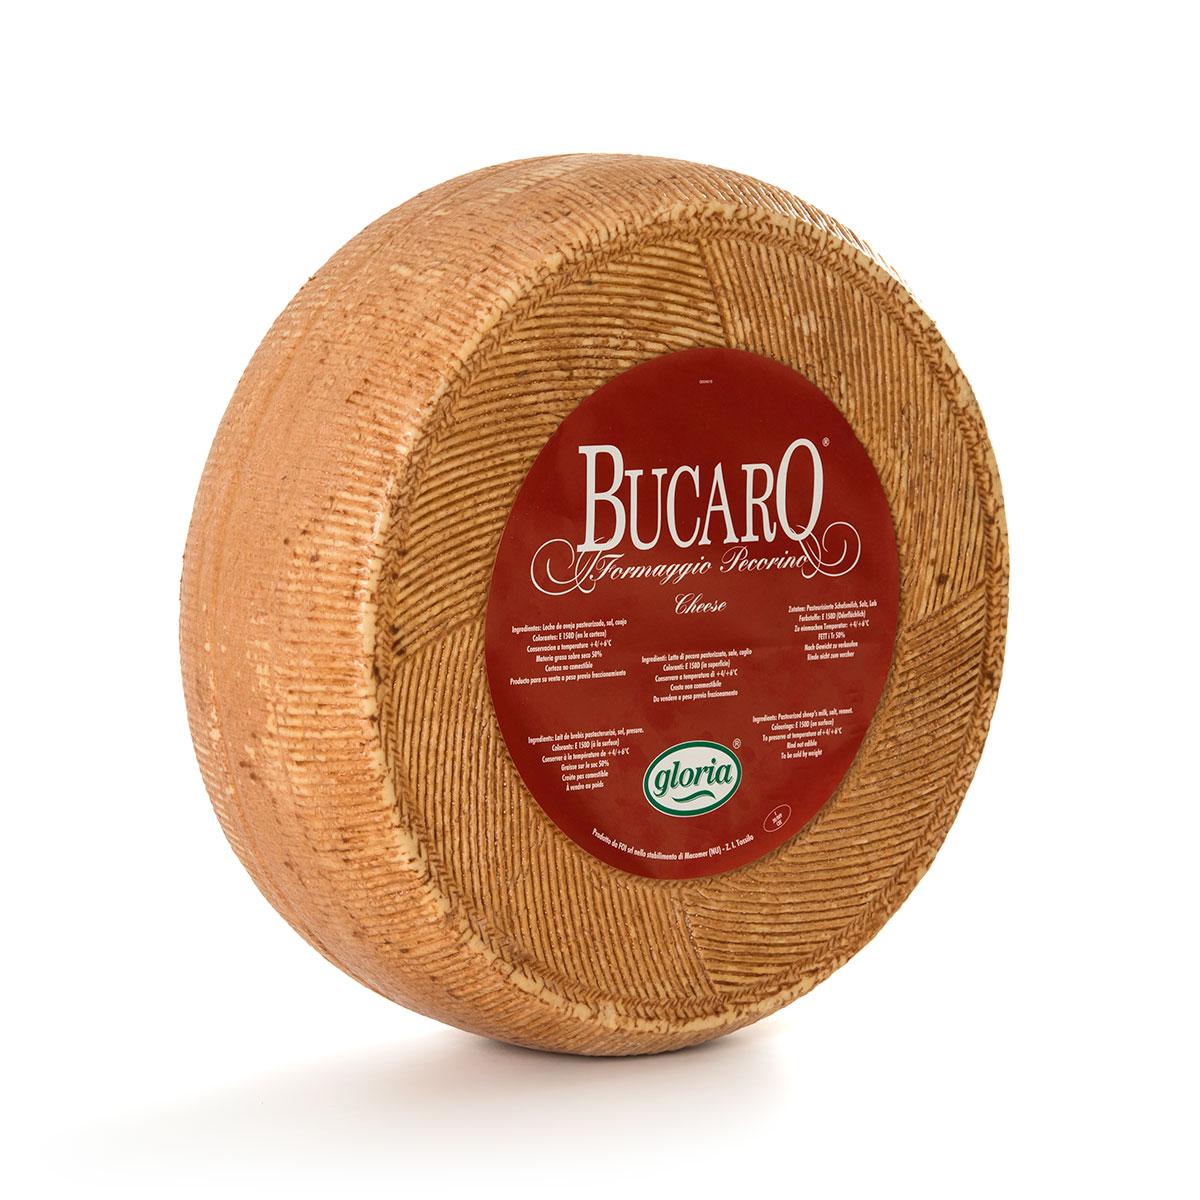 Bucaro